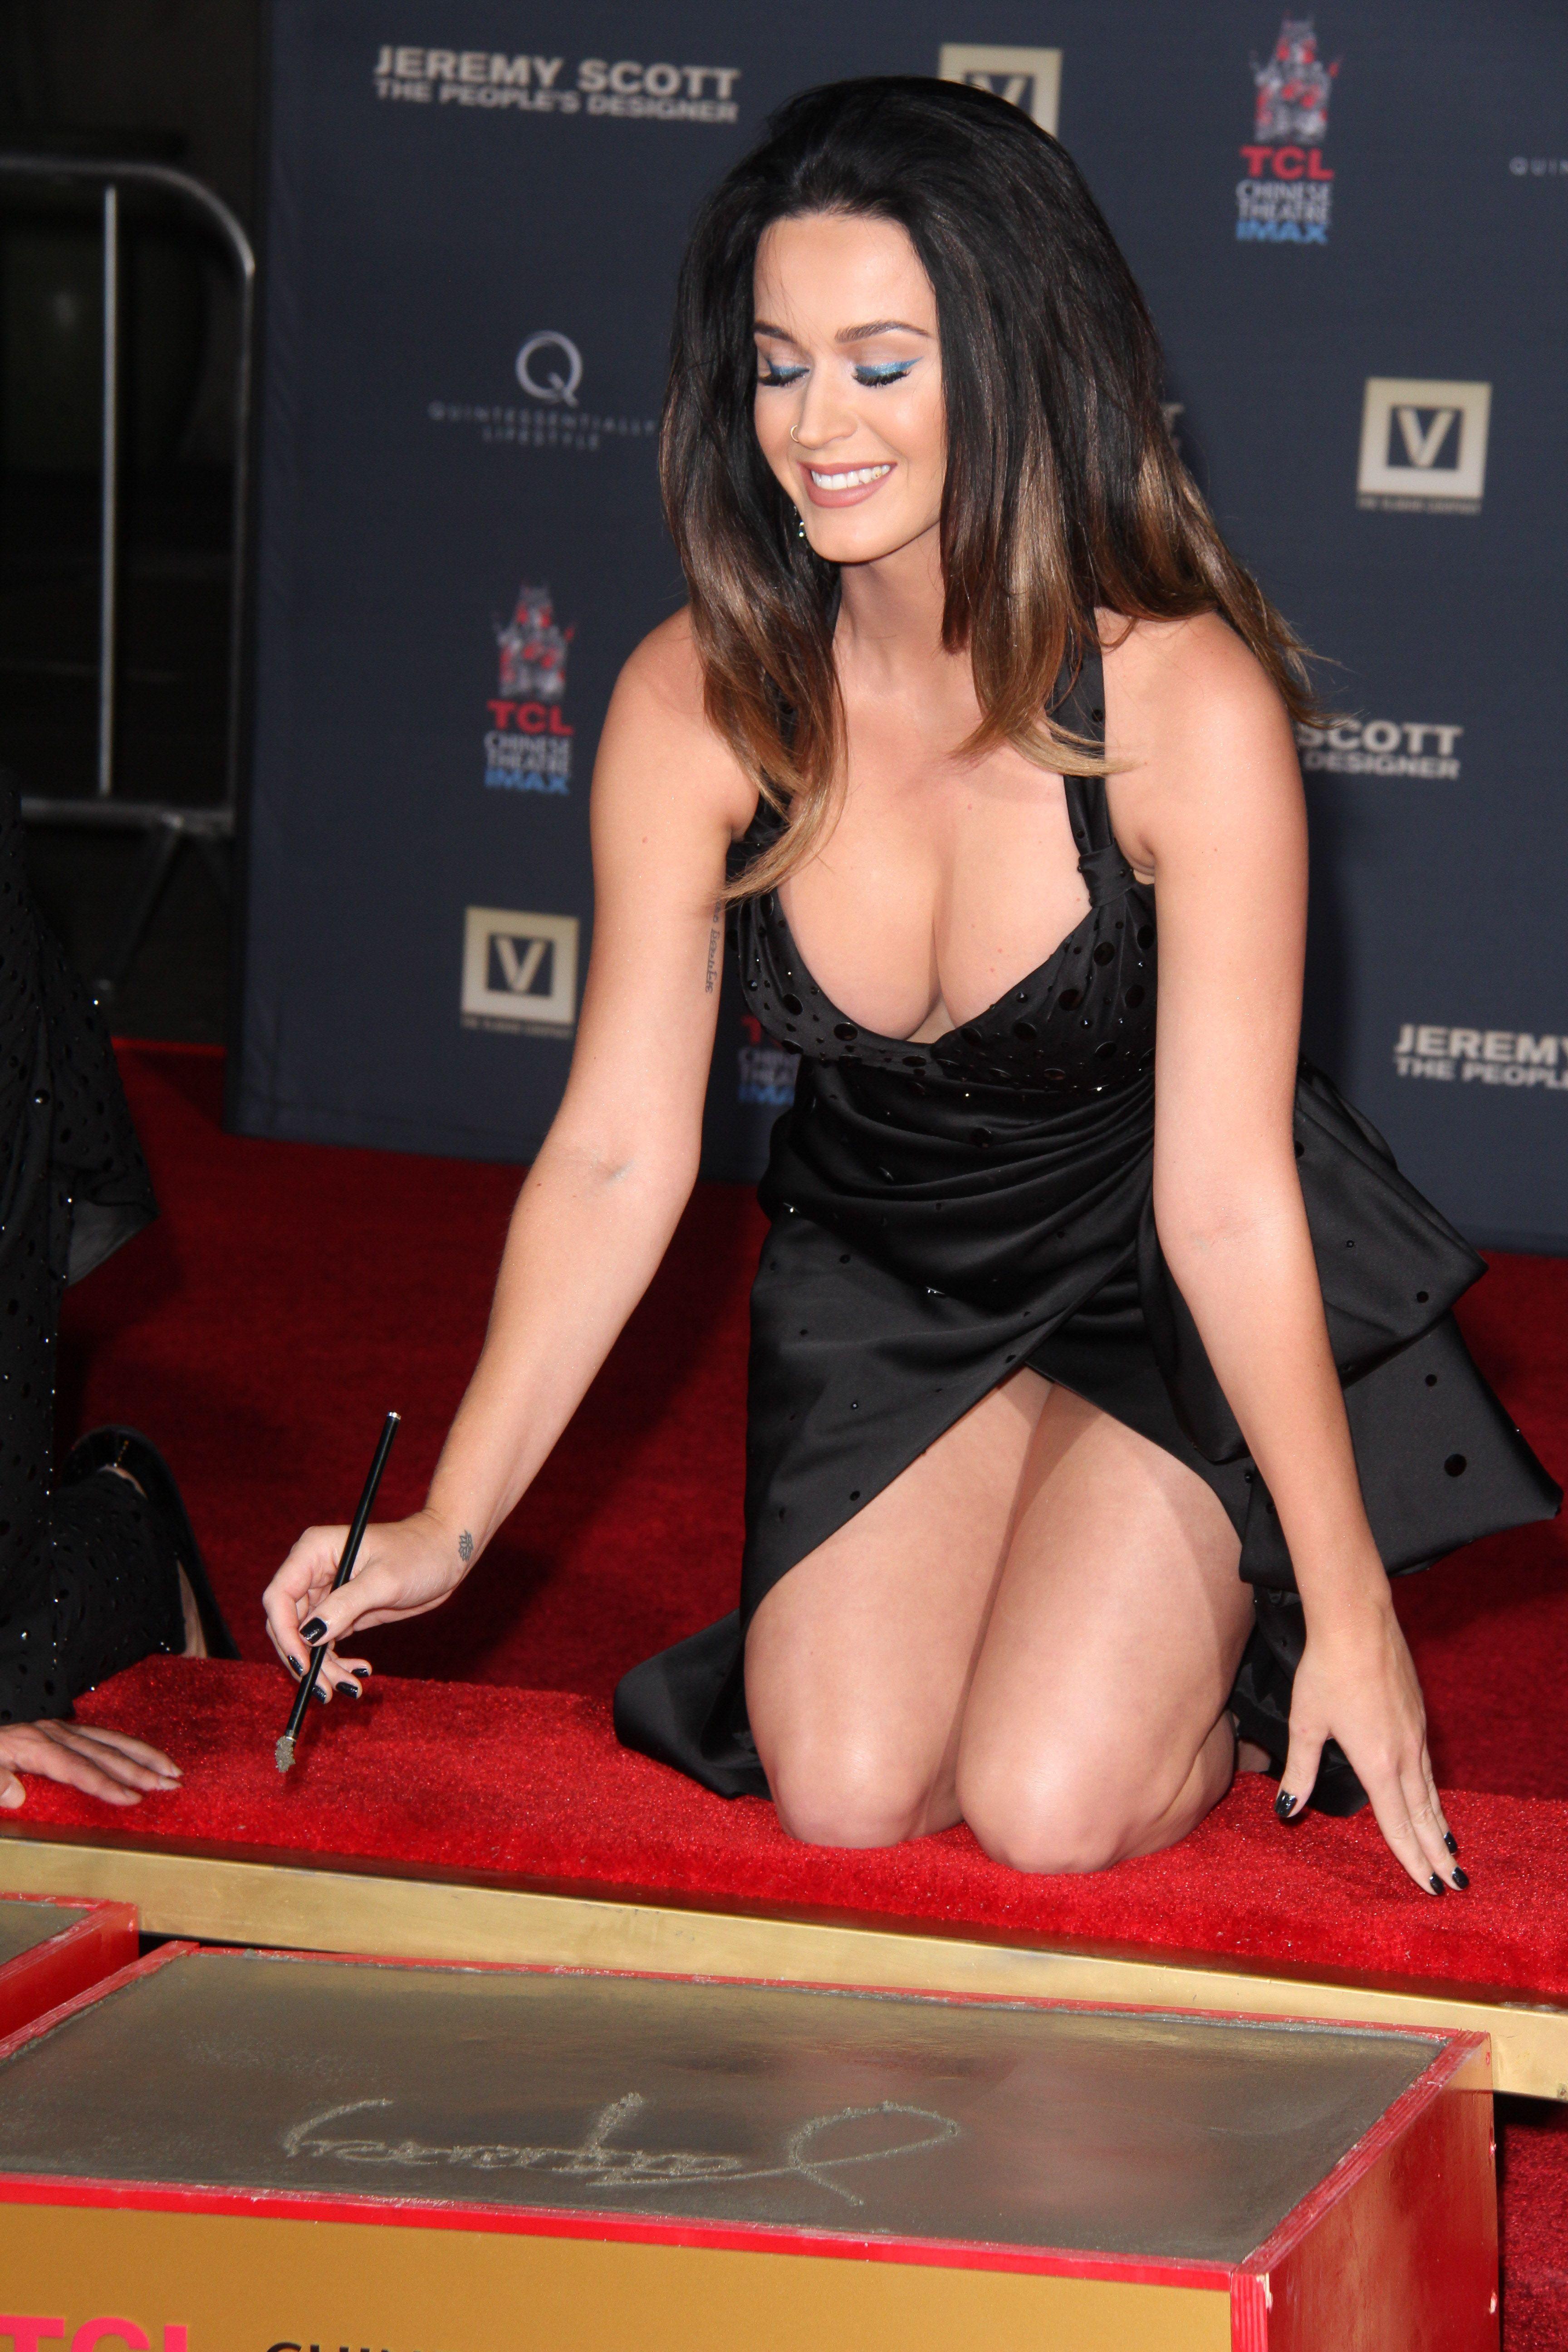 Başarılı ve güzel şarkıcı Katy Perry derin göğüs dekolteli seksi siyah elbisesi ile poz vermek istedi fakat frikik verdiğinden haberi yoktu